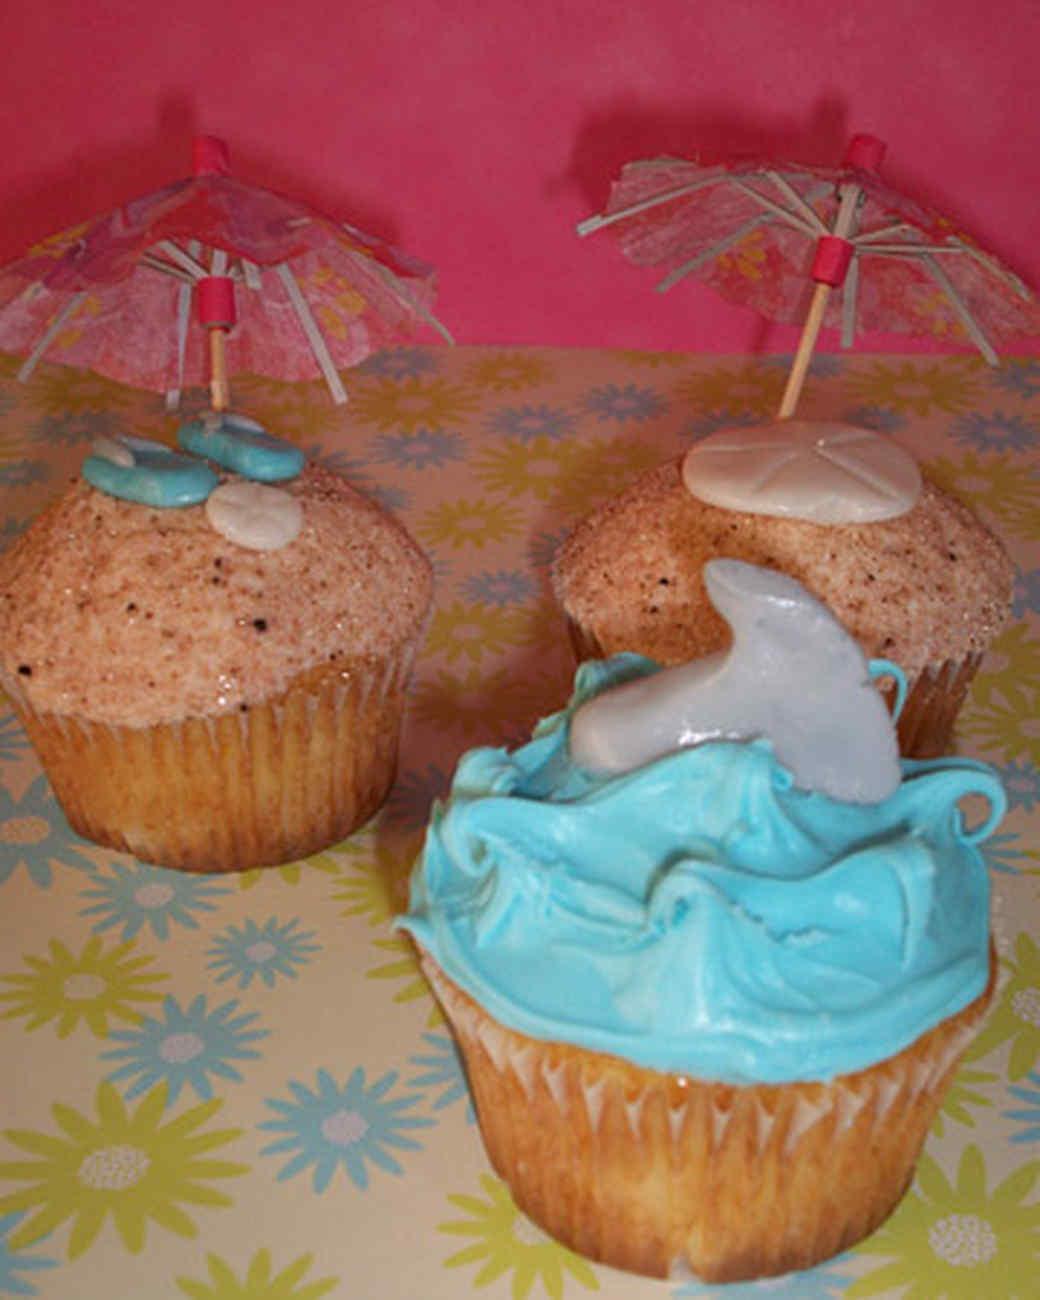 ori00019939_cupcakes.jpg